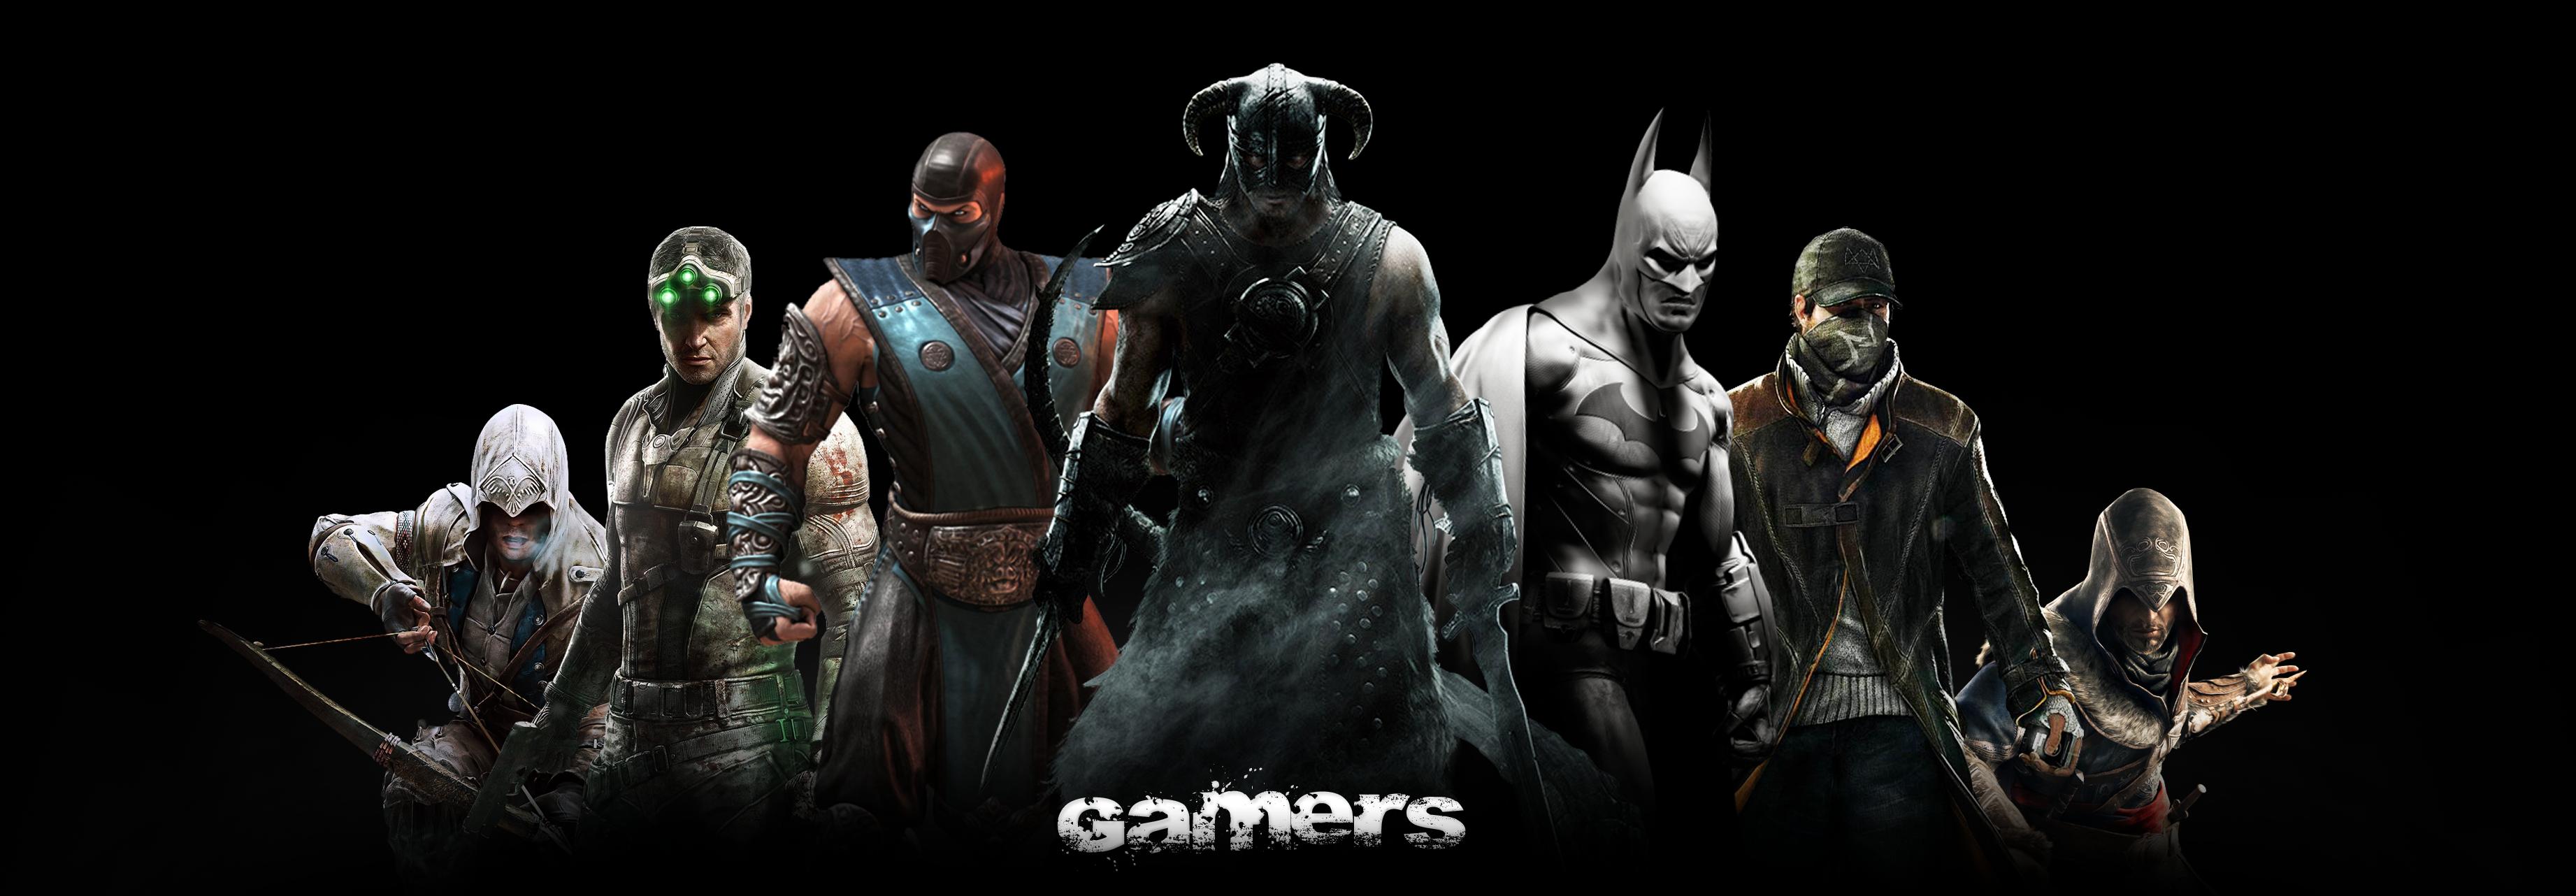 am a gamer wallpaper by legendaryrey customization wallpaper other ...